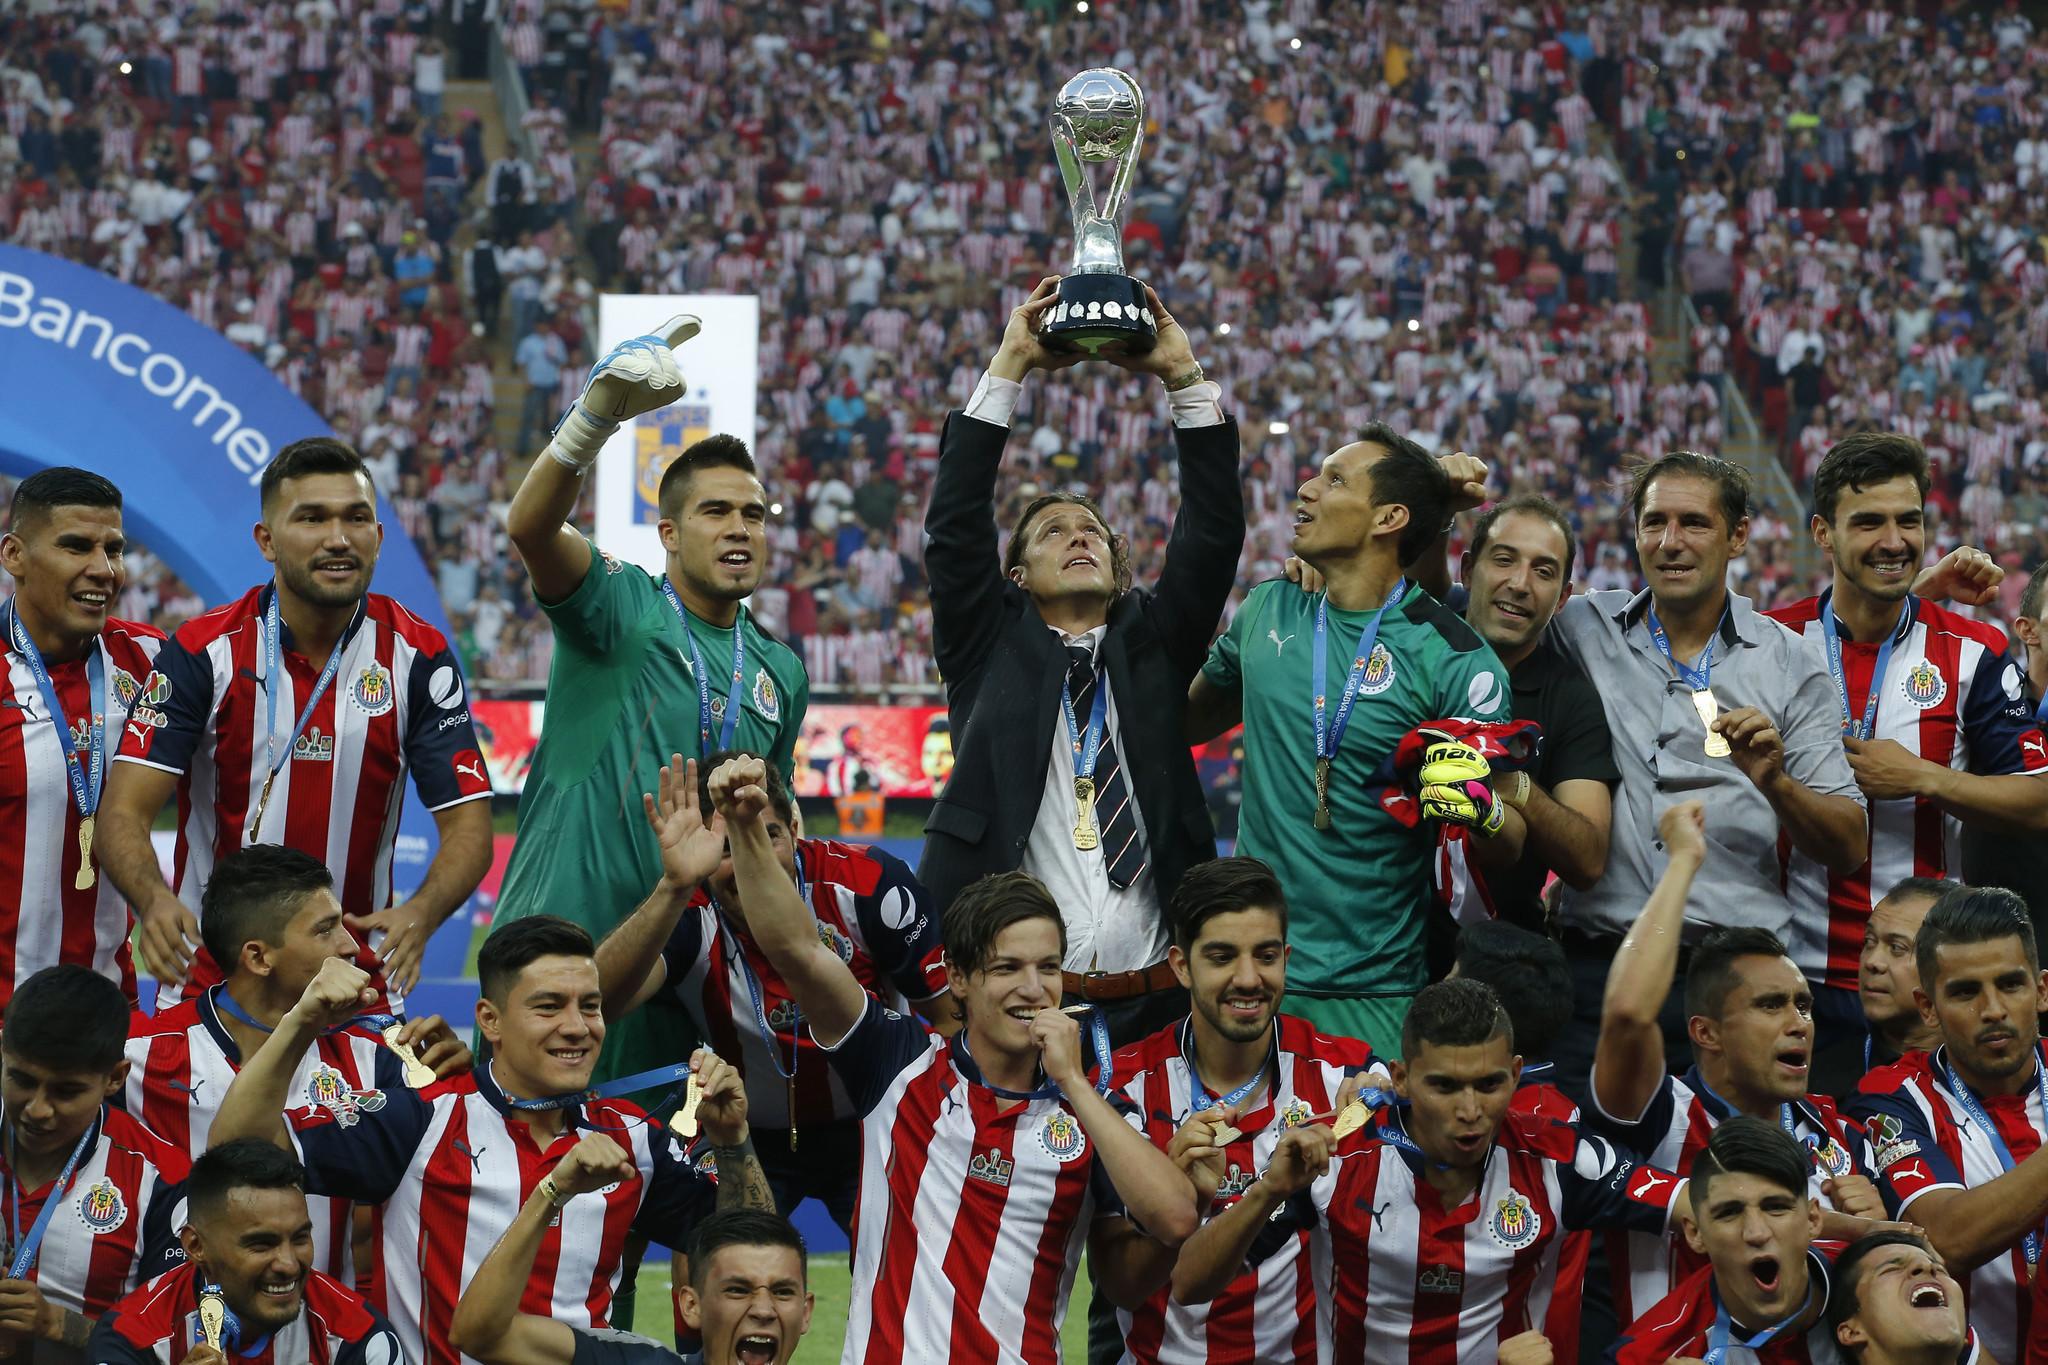 Chivas wins historic 12th Mexican title - The San Diego Union-Tribune 795934567fa